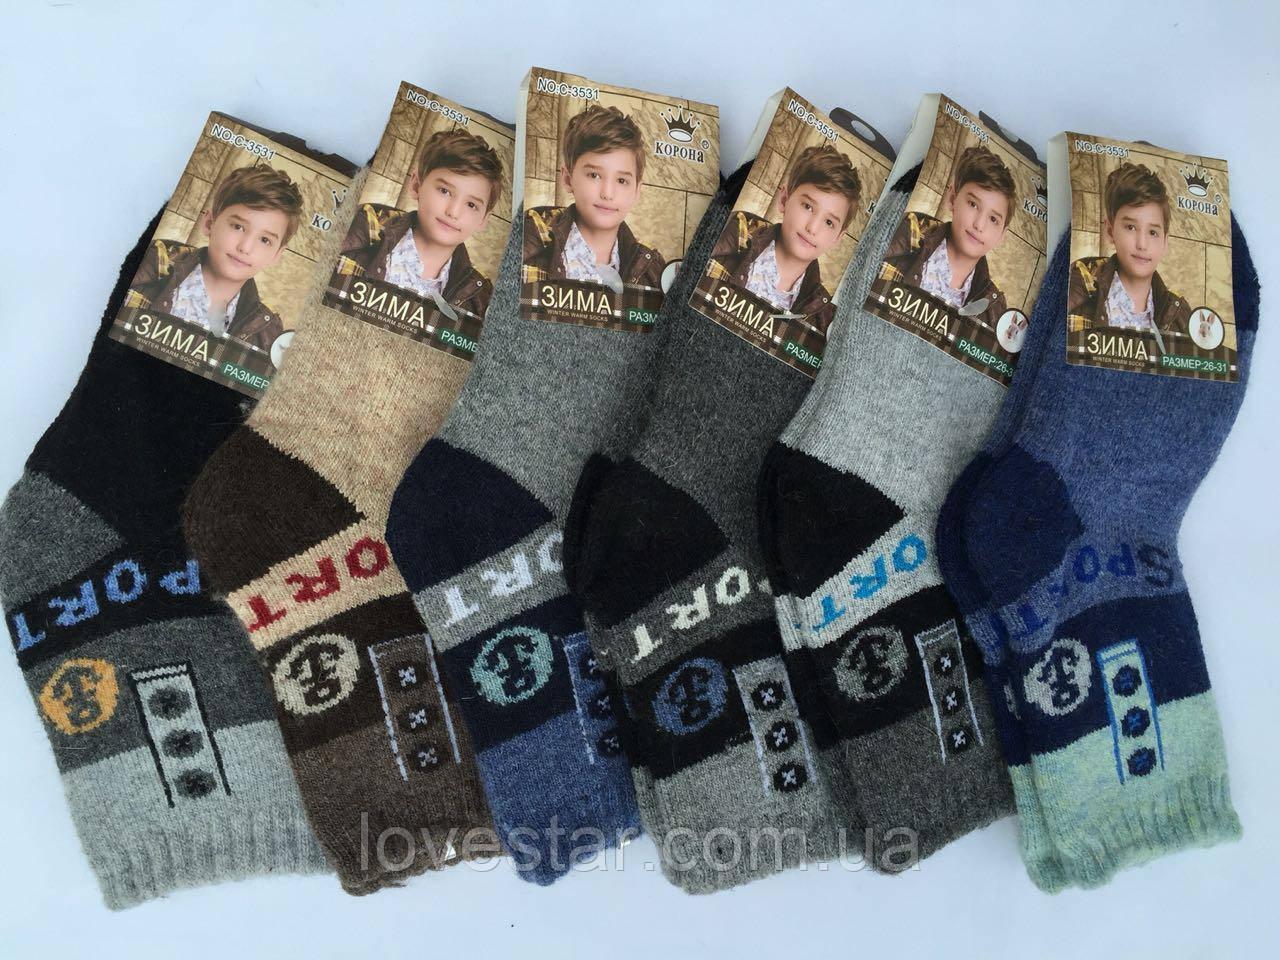 Вовняні шкарпетки Ангора корона (C3535) 21-26